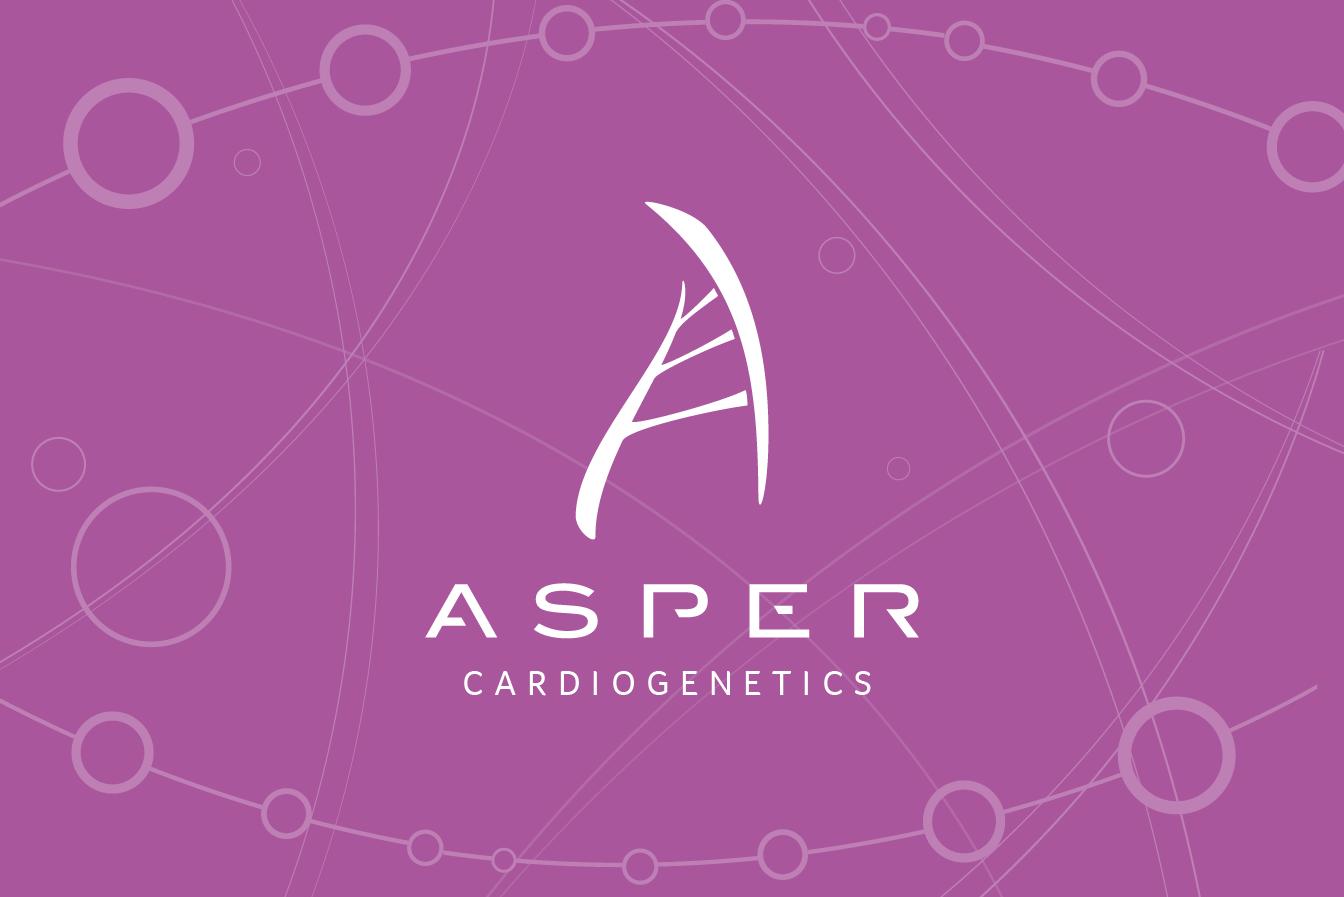 Asper Cardiogenetics testimisvõimalused on uuenenud